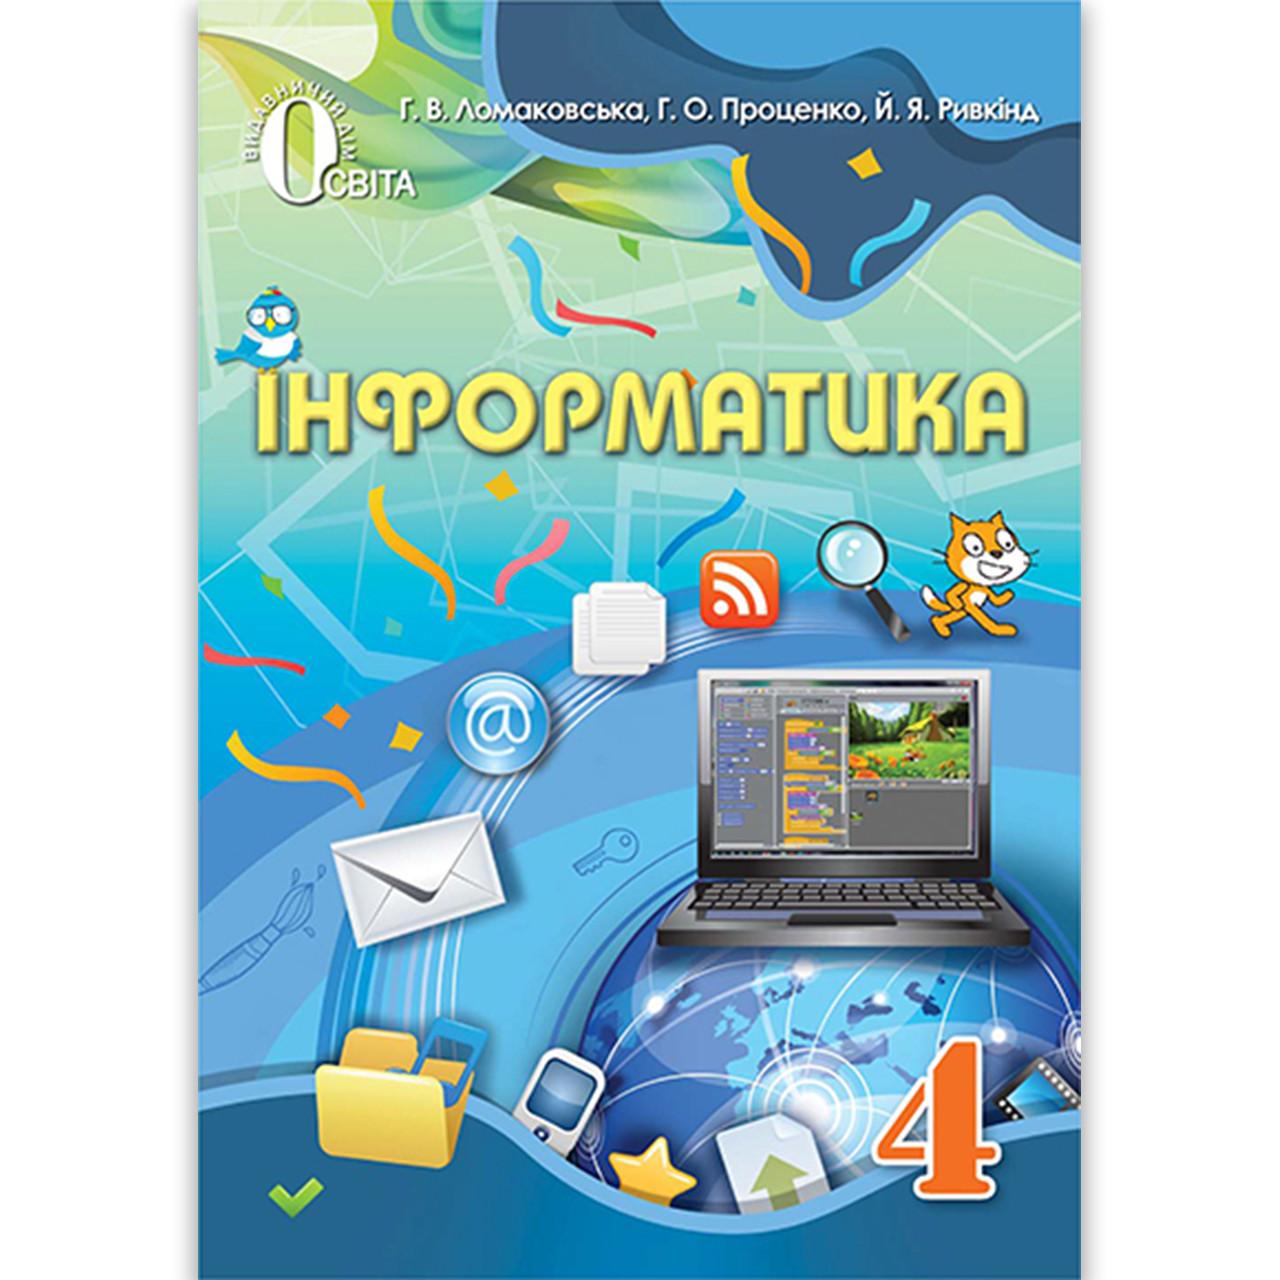 Підручник Інформатика 4 клас Авт: Ломаковська Г. Проценко Г. Ривкінд Й. Вид: Освіта